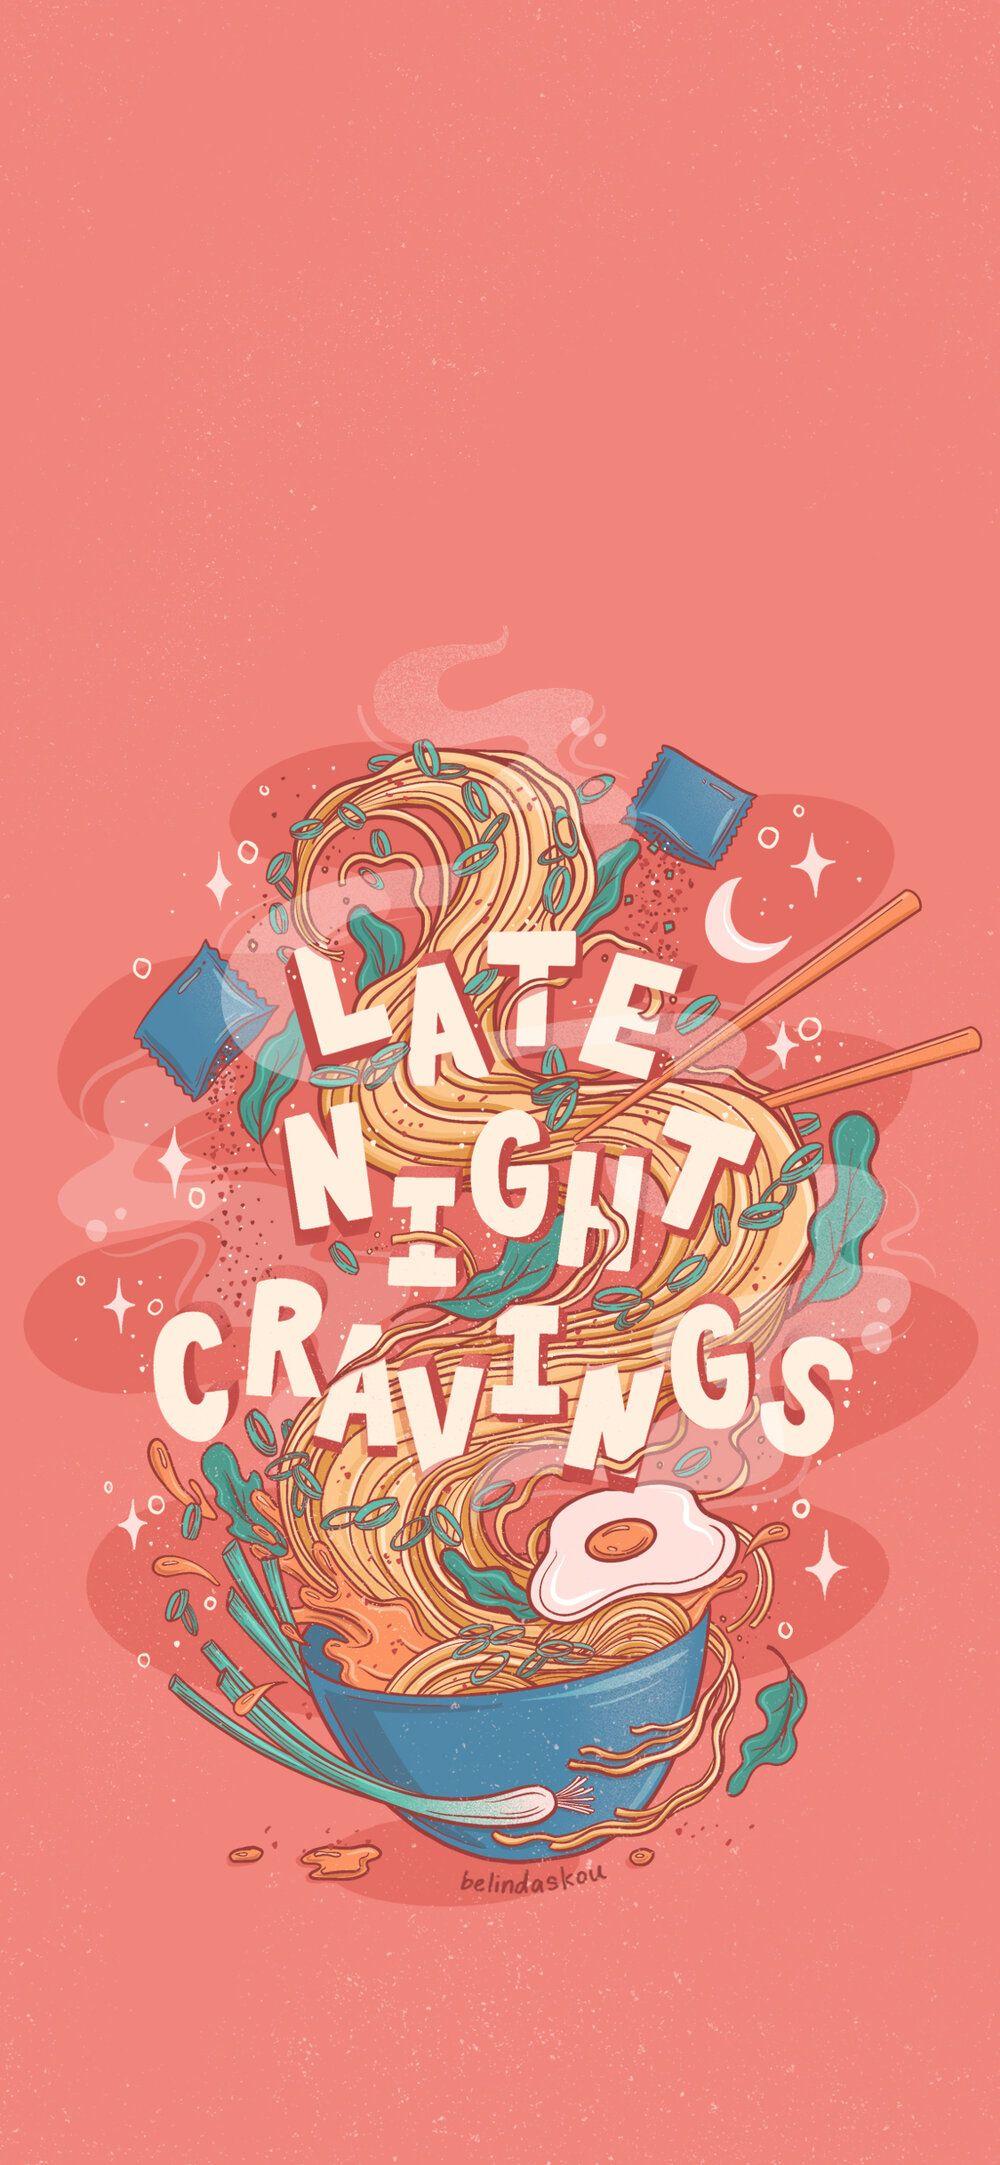 Late Night Cravings Ramen Phone Wallpaper Anime Wallpaper Phone Cute Cartoon Wallpapers Cute Wallpapers